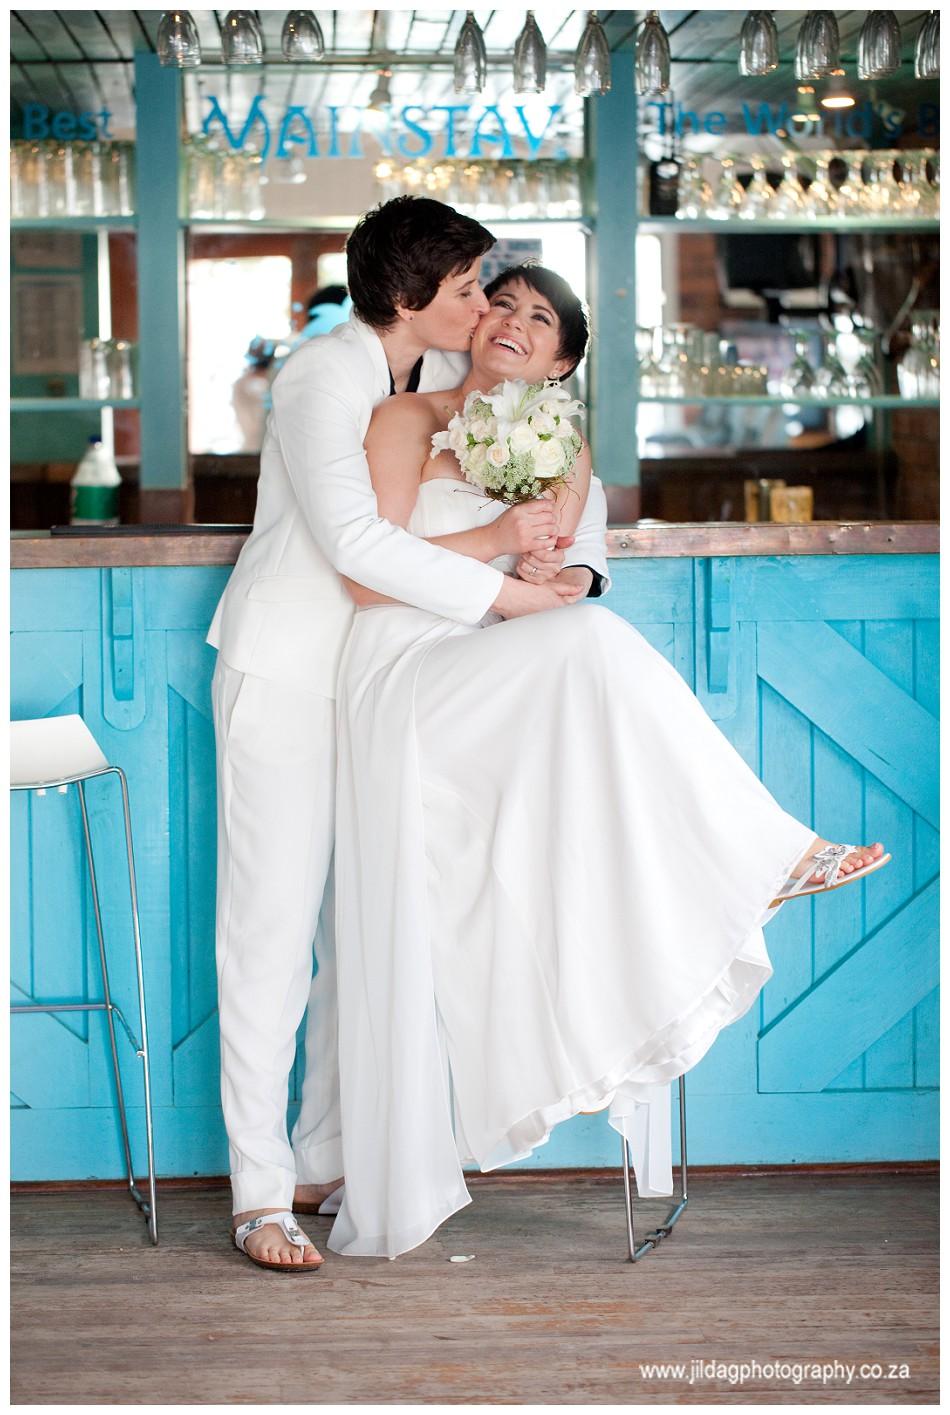 Gay wedding - Jilda G Photography - Cape Town wedding (13)